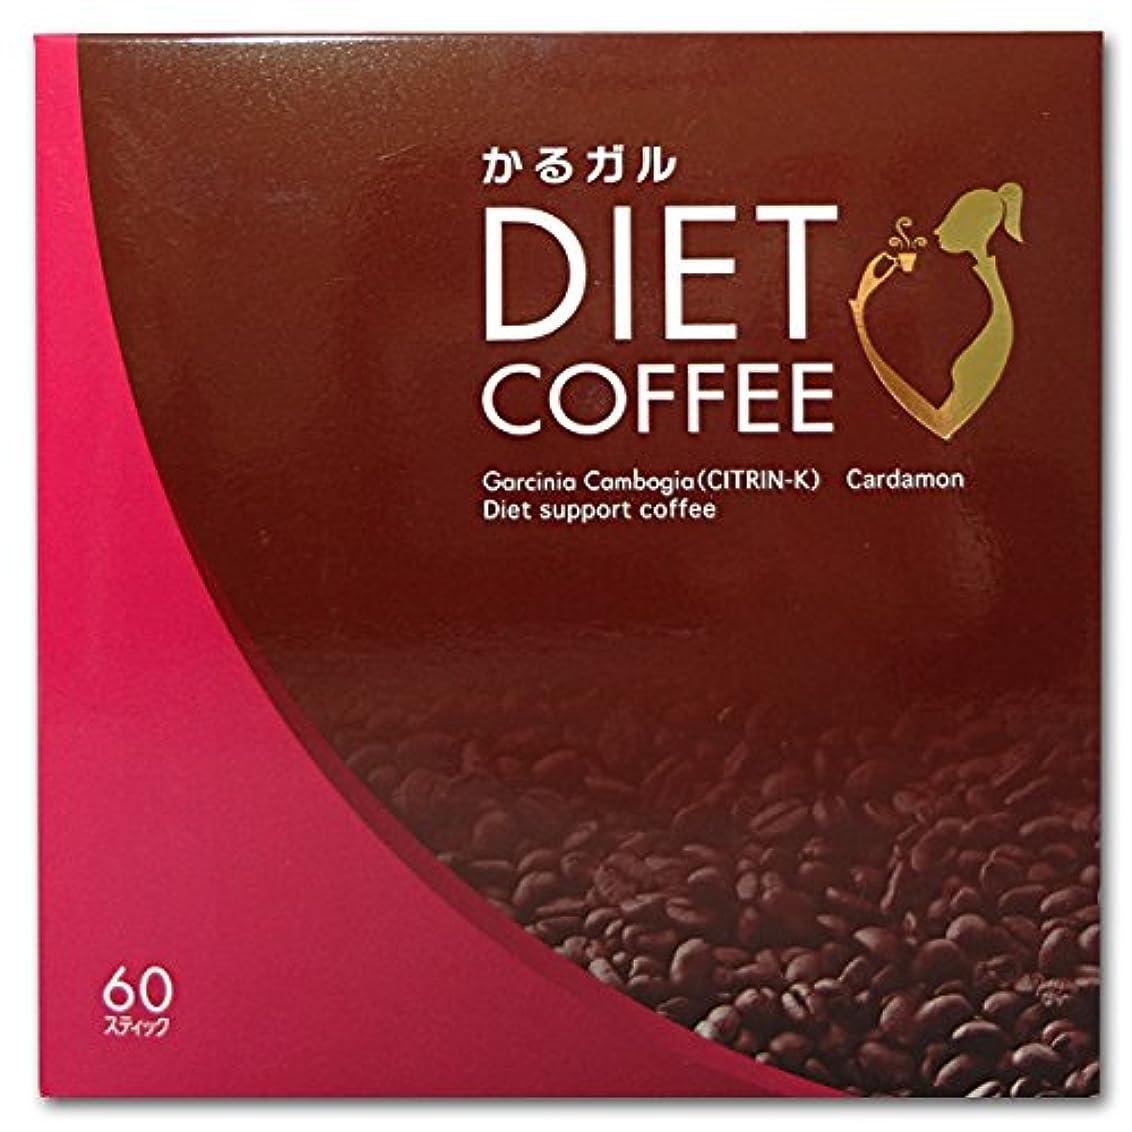 乗算指導する変換するエル?エスコーポレーション カルがるDIET COFFEE(ダイエットコーヒー) 60袋